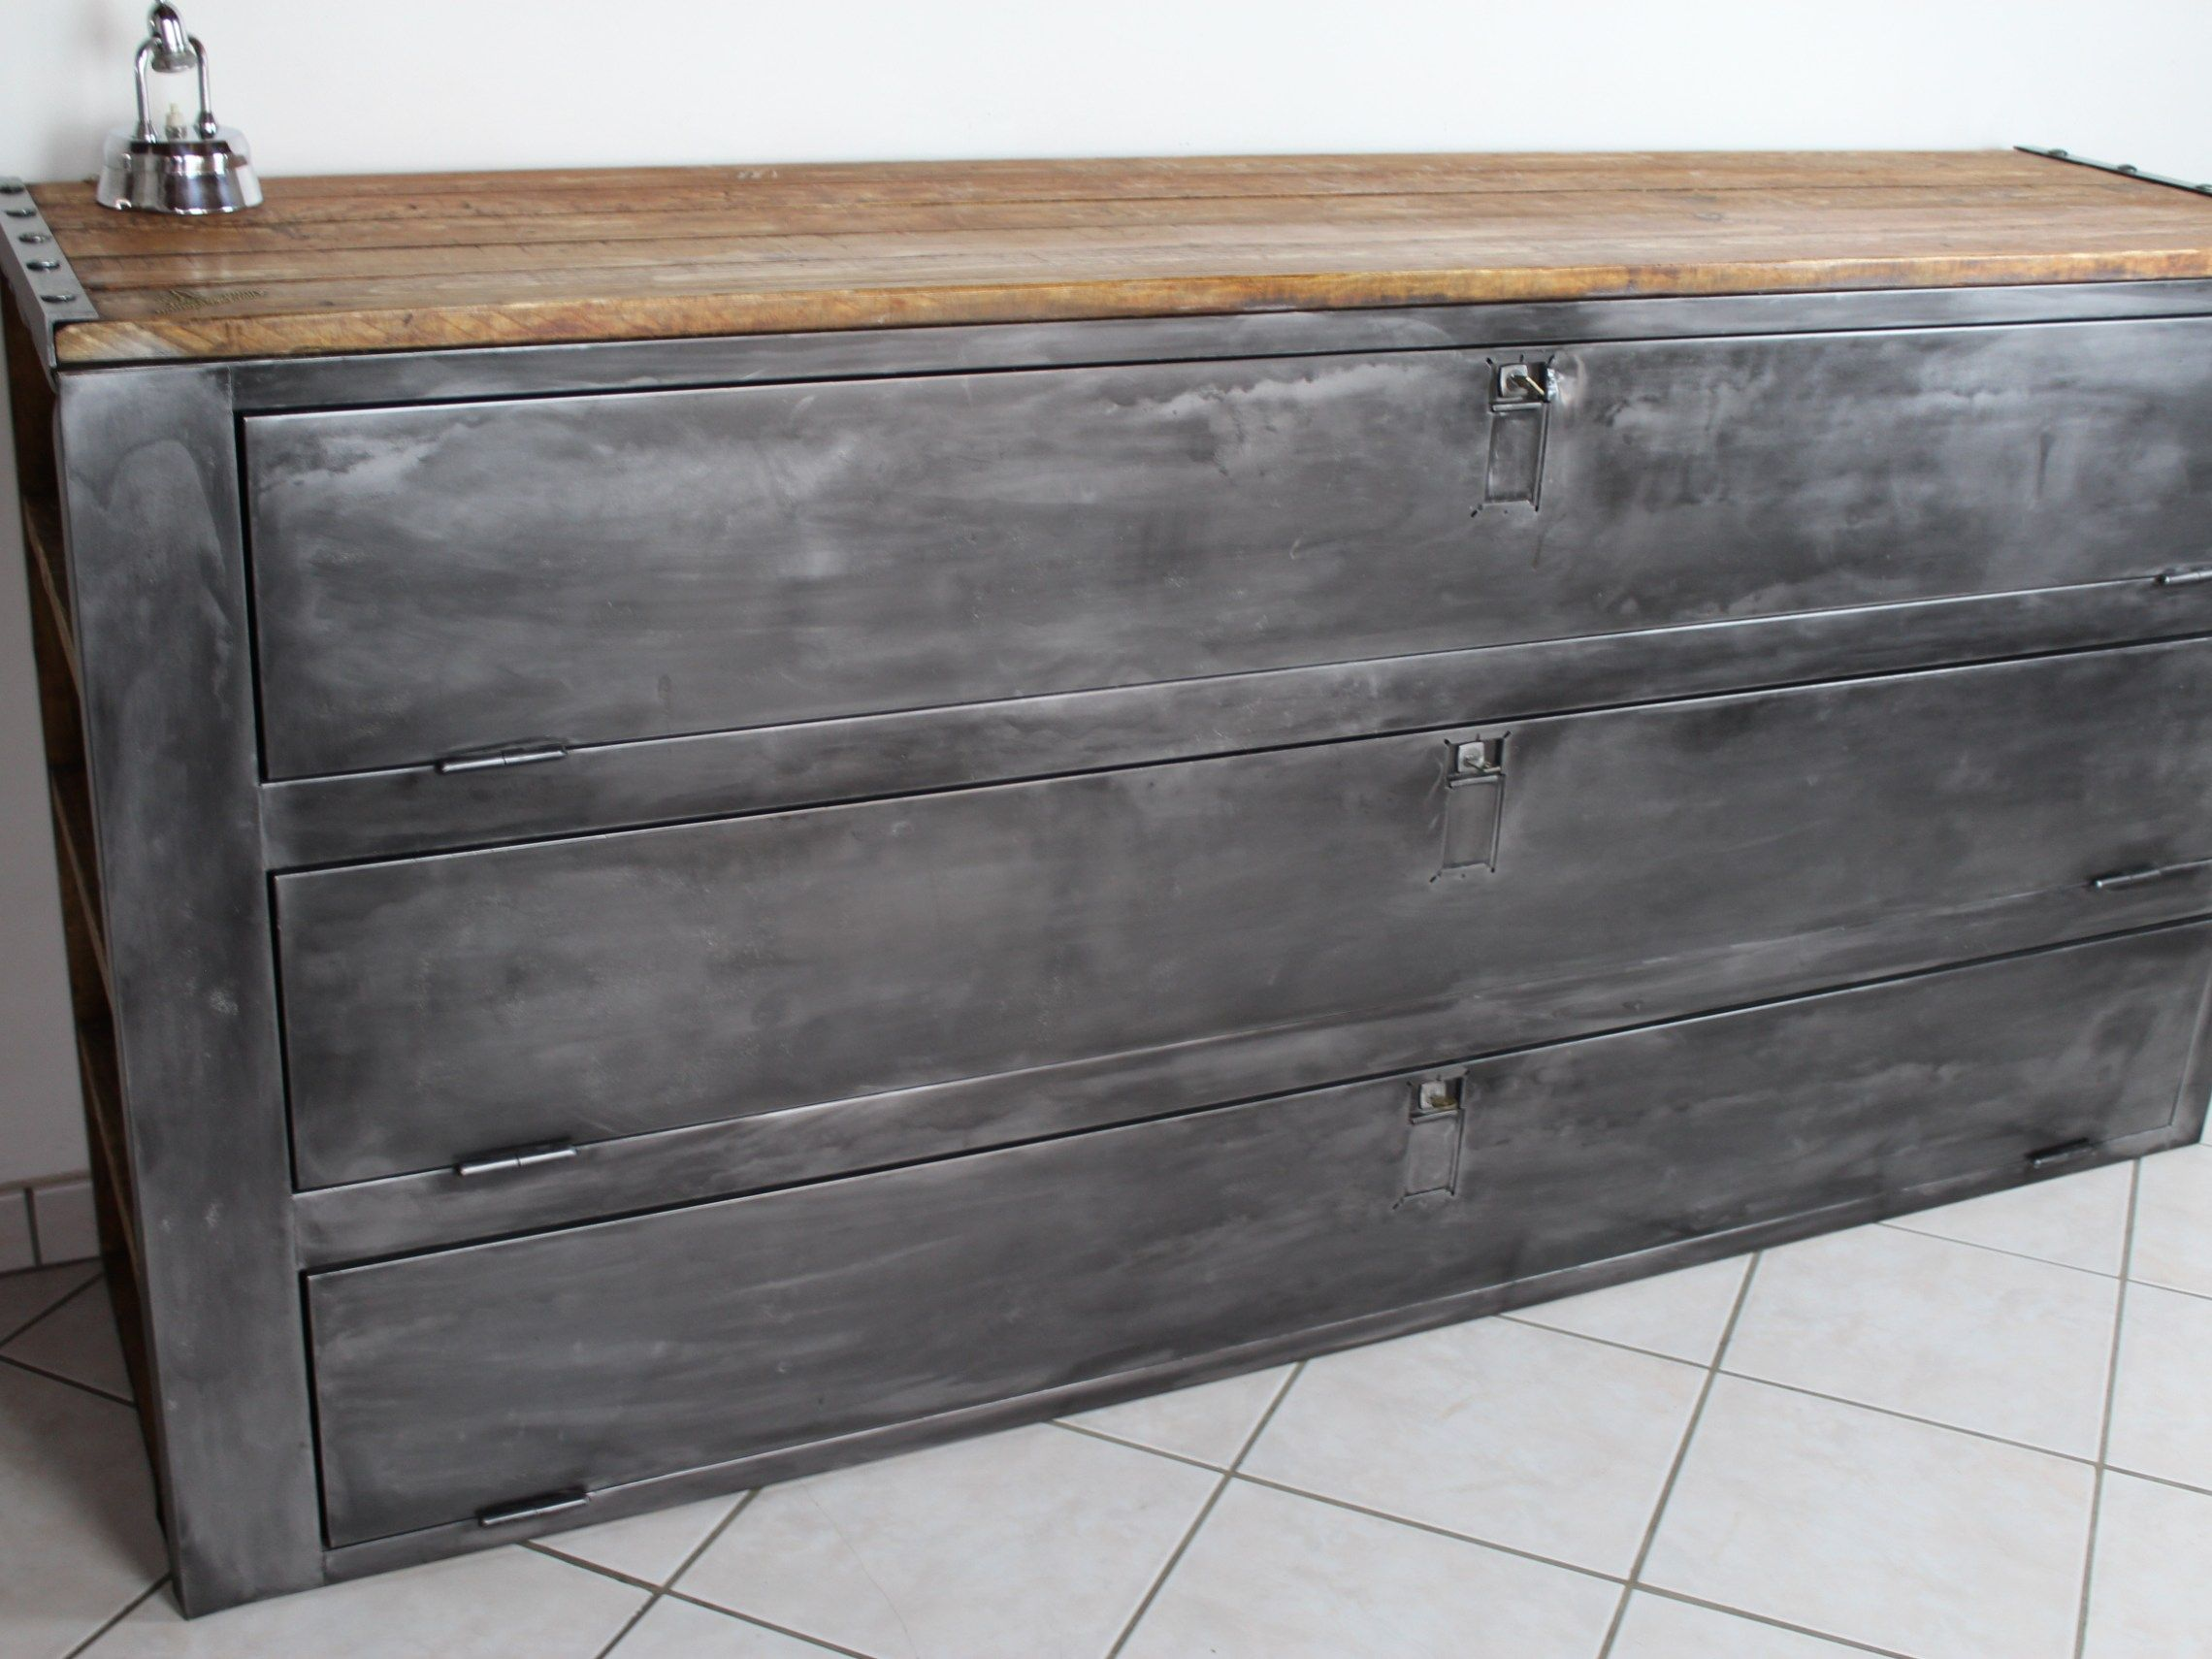 Populaire annecy-meuble buffet style industriel ancien vestiaire patiné bois  WW19